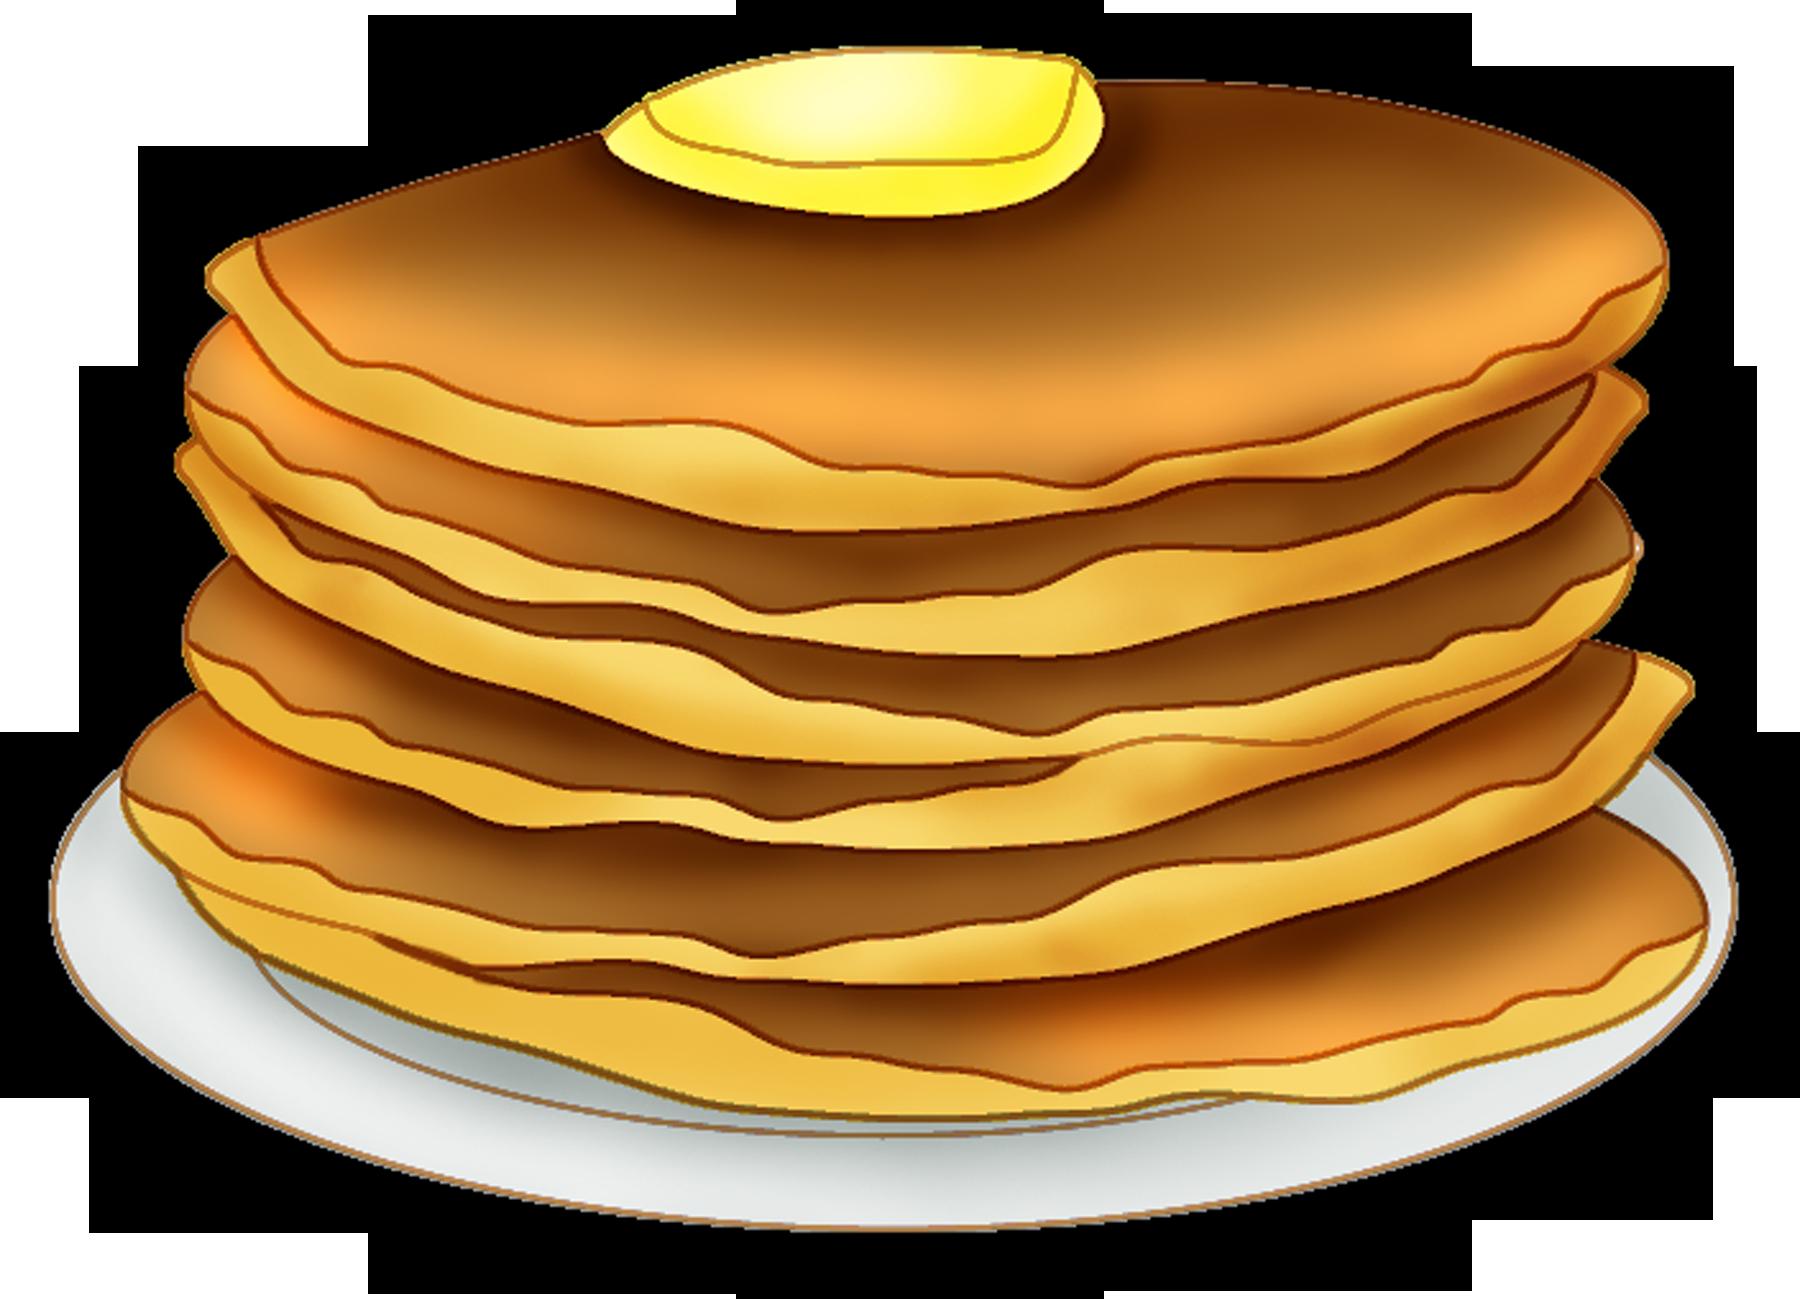 Pancake Clipart & Pancake Clip Art Images.